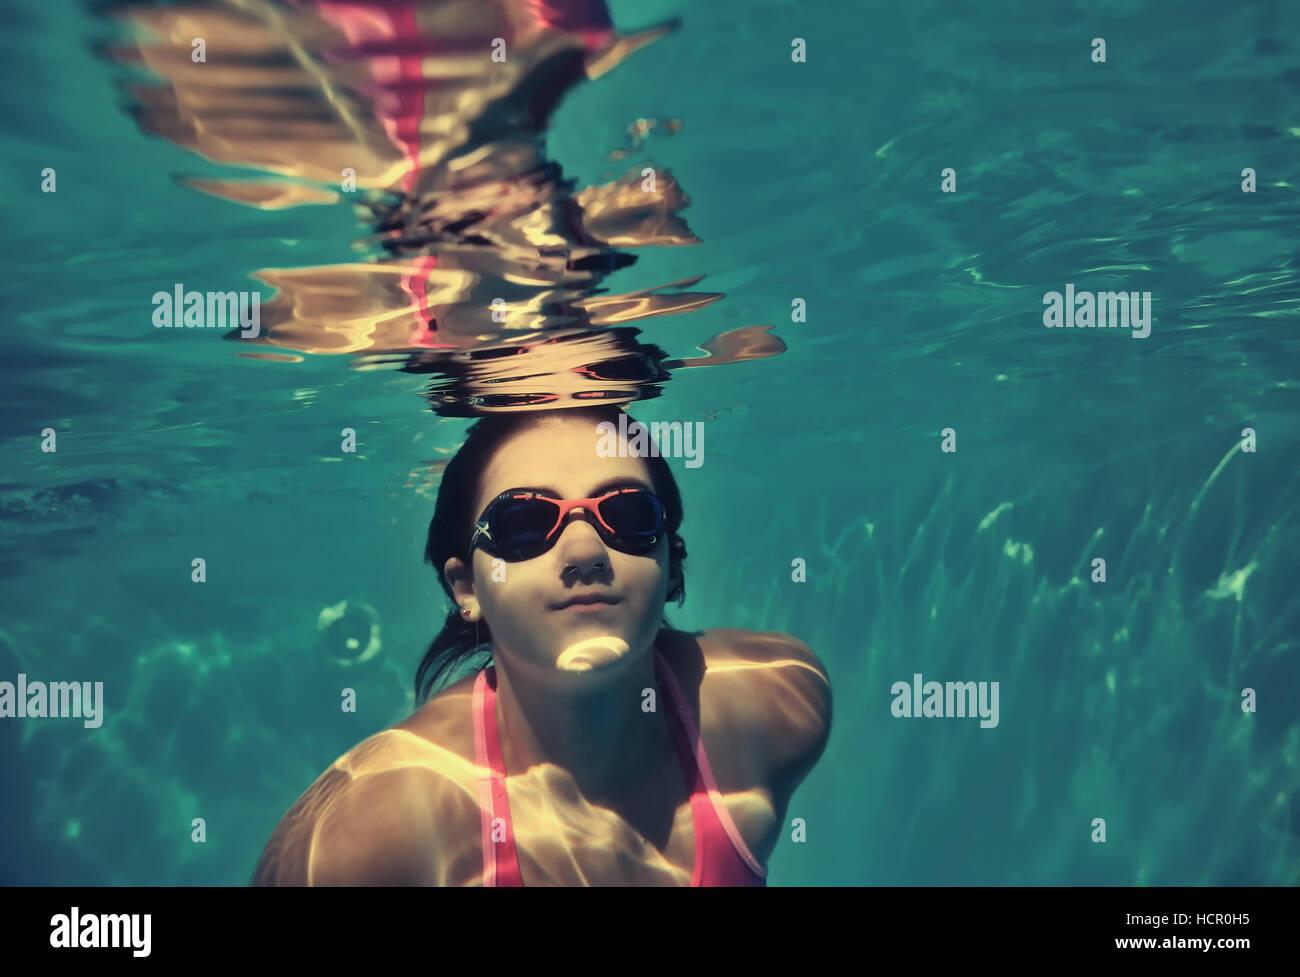 Ragazza di nuoto sott'acqua in piscina. Immagini Stock